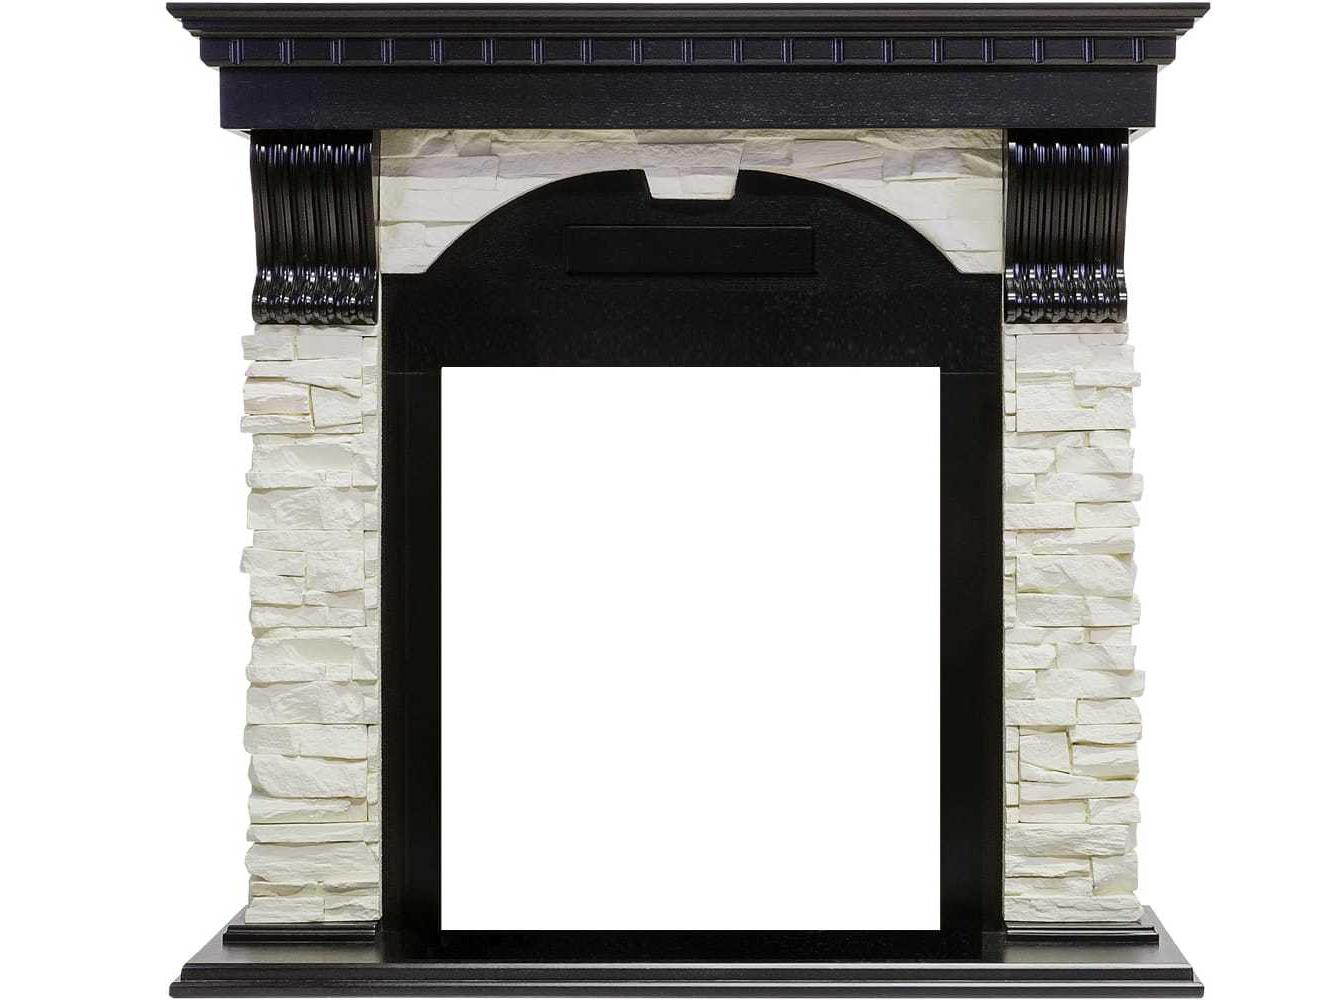 Портал DublinКамины, порталы и очаги<br>Стильный и компактный портал Dublin из камня представлен в трех цветовых решения: белый сланец, сланец и сланец крем. Обрамление, выполненное из дерева, также можно выбрать из четырёх цветов: дуб, темный дуб, венге и слоновая кость с патиной.&amp;lt;div&amp;gt;&amp;lt;br&amp;gt;&amp;lt;/div&amp;gt;&amp;lt;div&amp;gt;Материал: МДФ, натуральный шпон, гипс&amp;lt;/div&amp;gt;<br><br>Material: МДФ<br>Ширина см: 102.0<br>Высота см: 97.5<br>Глубина см: 35.2